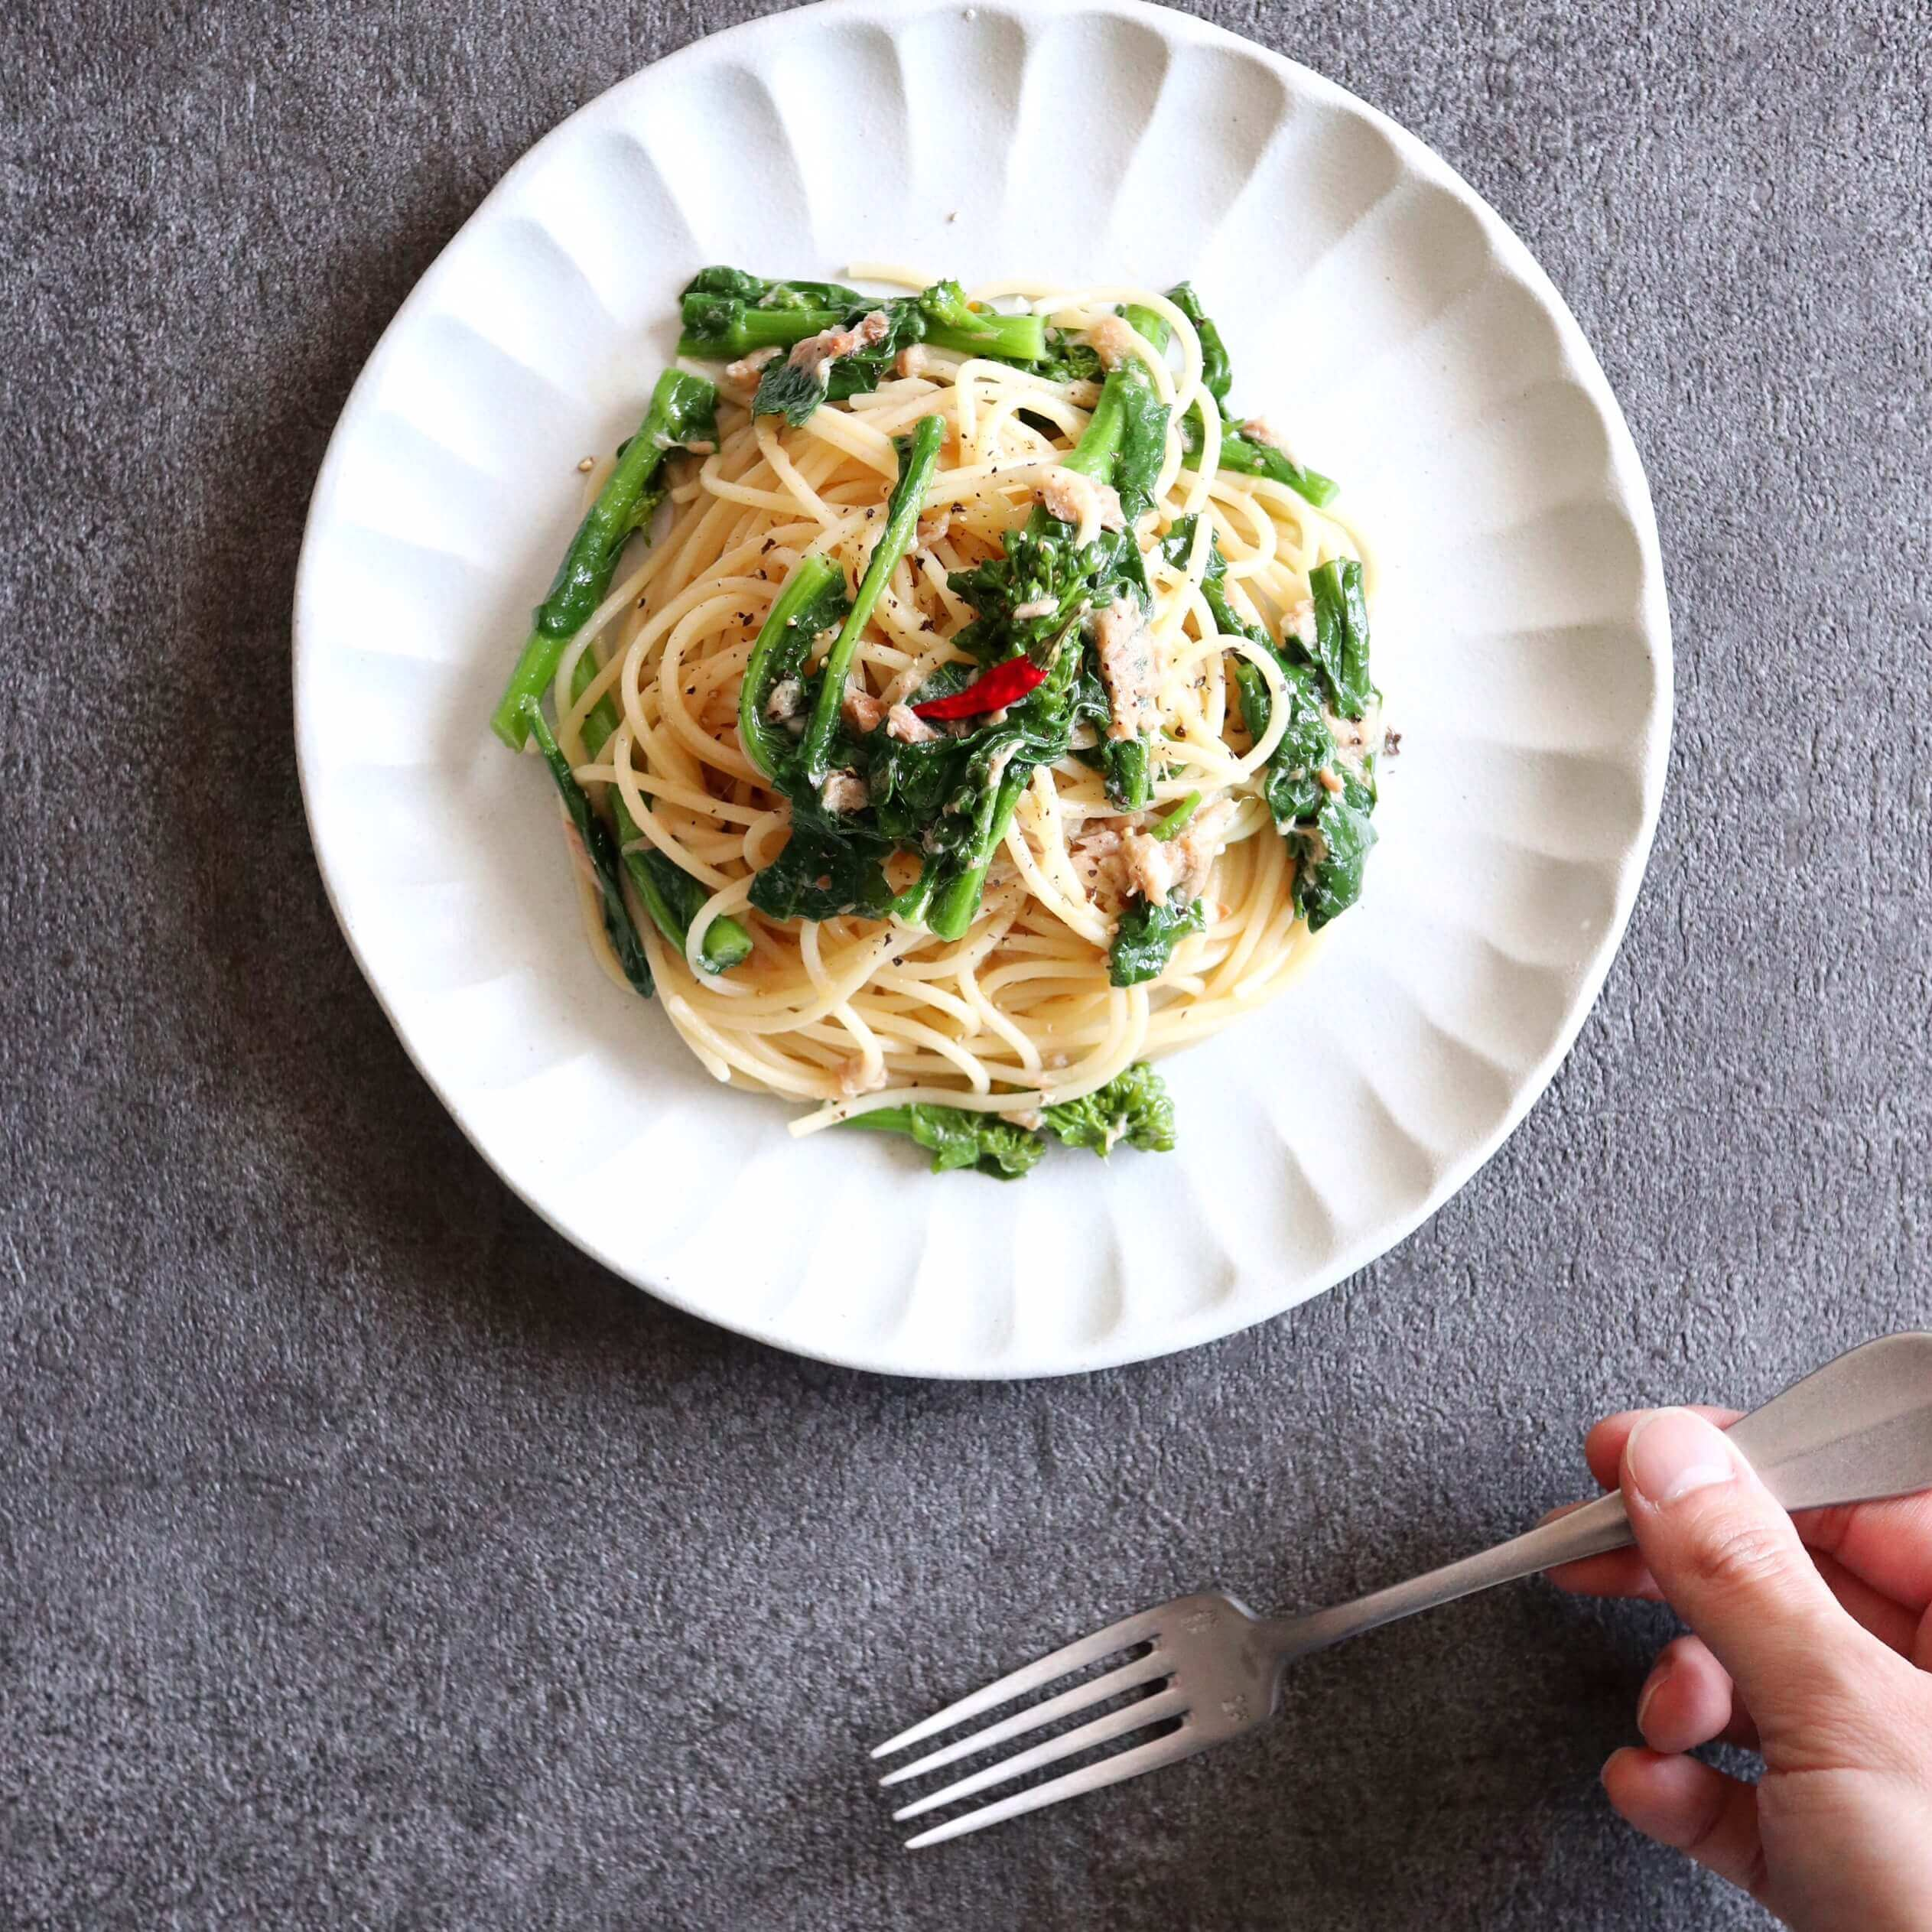 【超簡単!】菜の花とツナのアンチョビパスタのレシピ